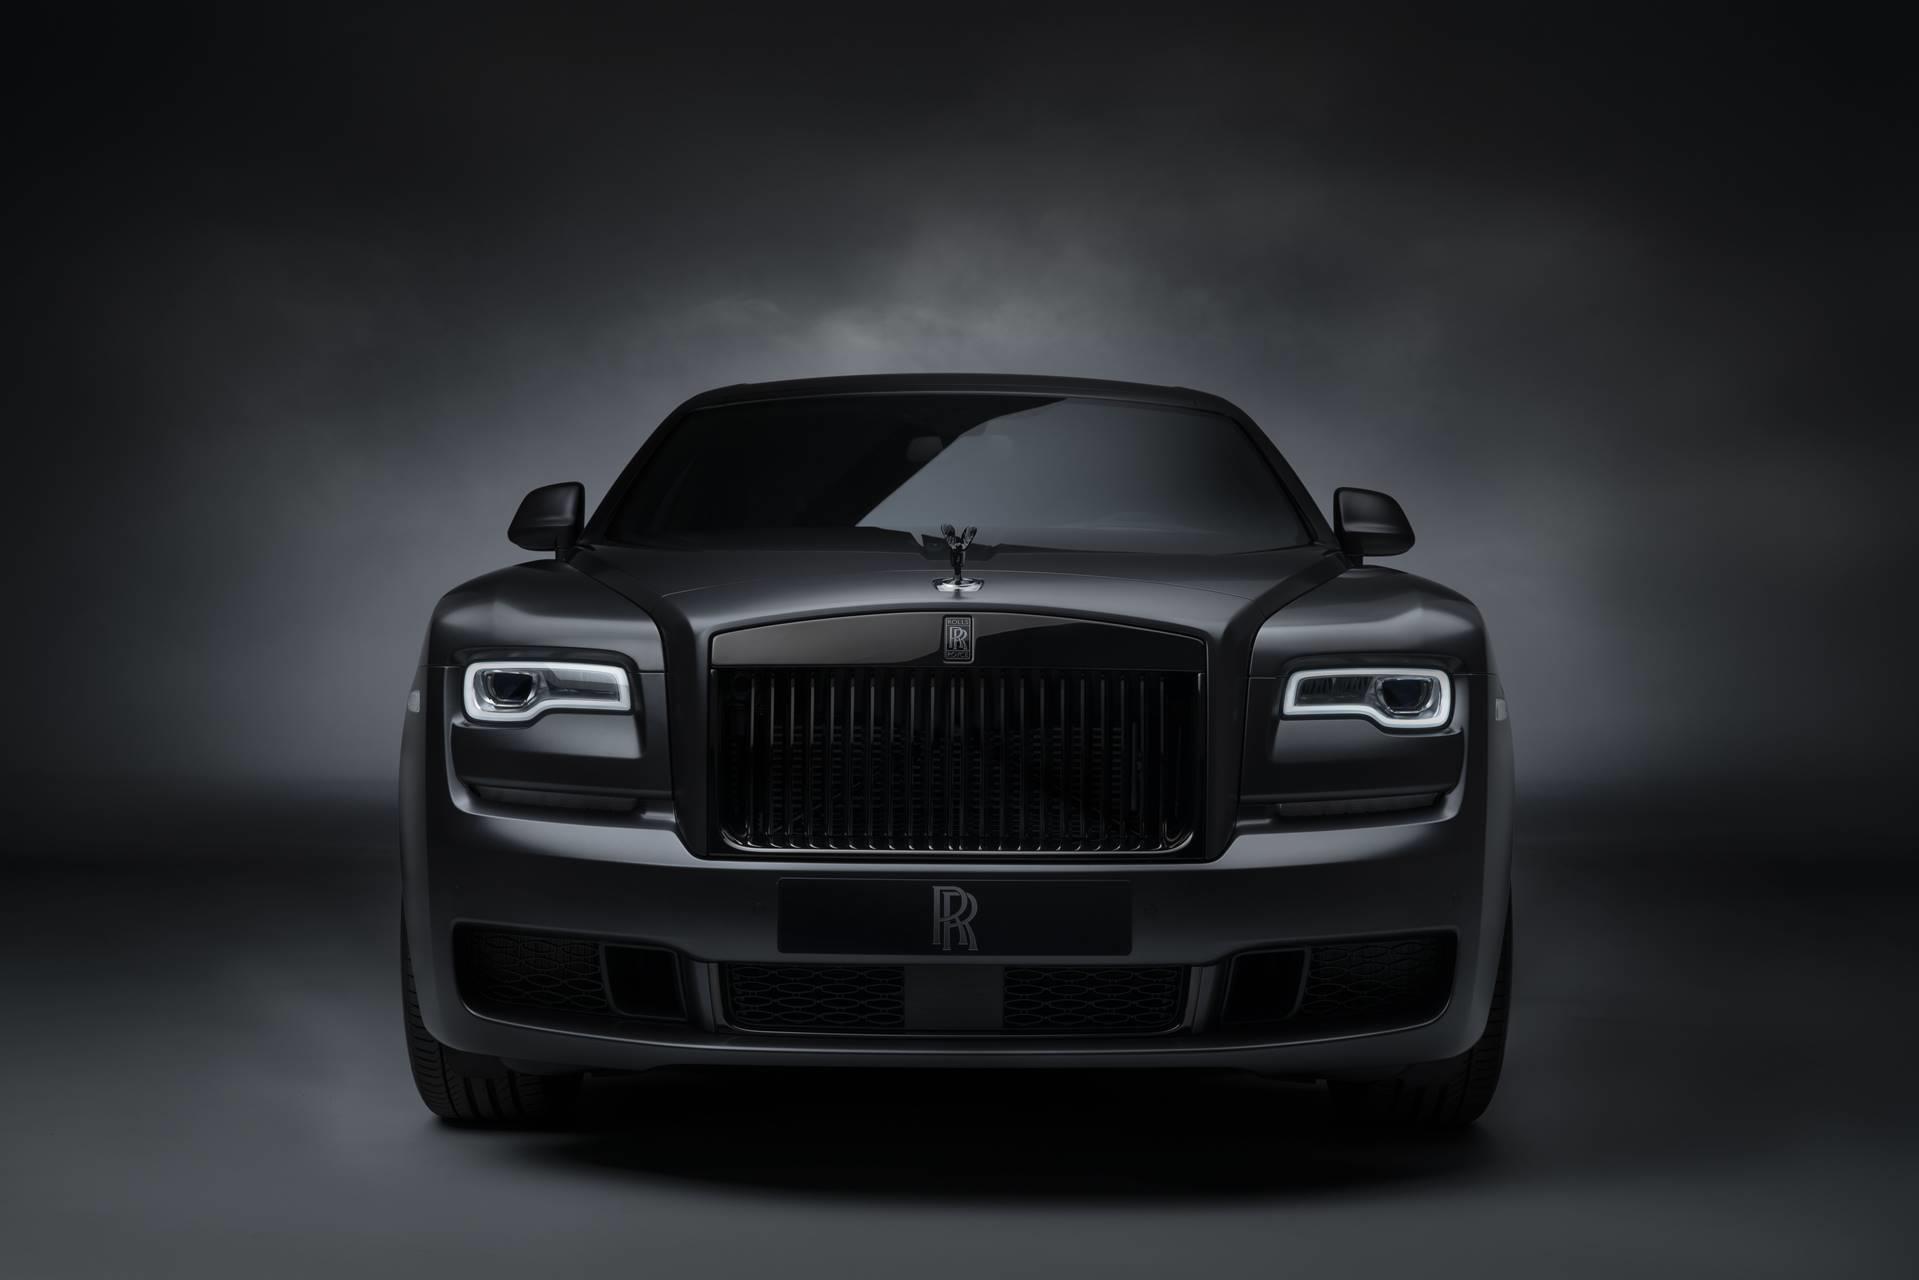 2019 Rolls-Royce Ghost Black Badge